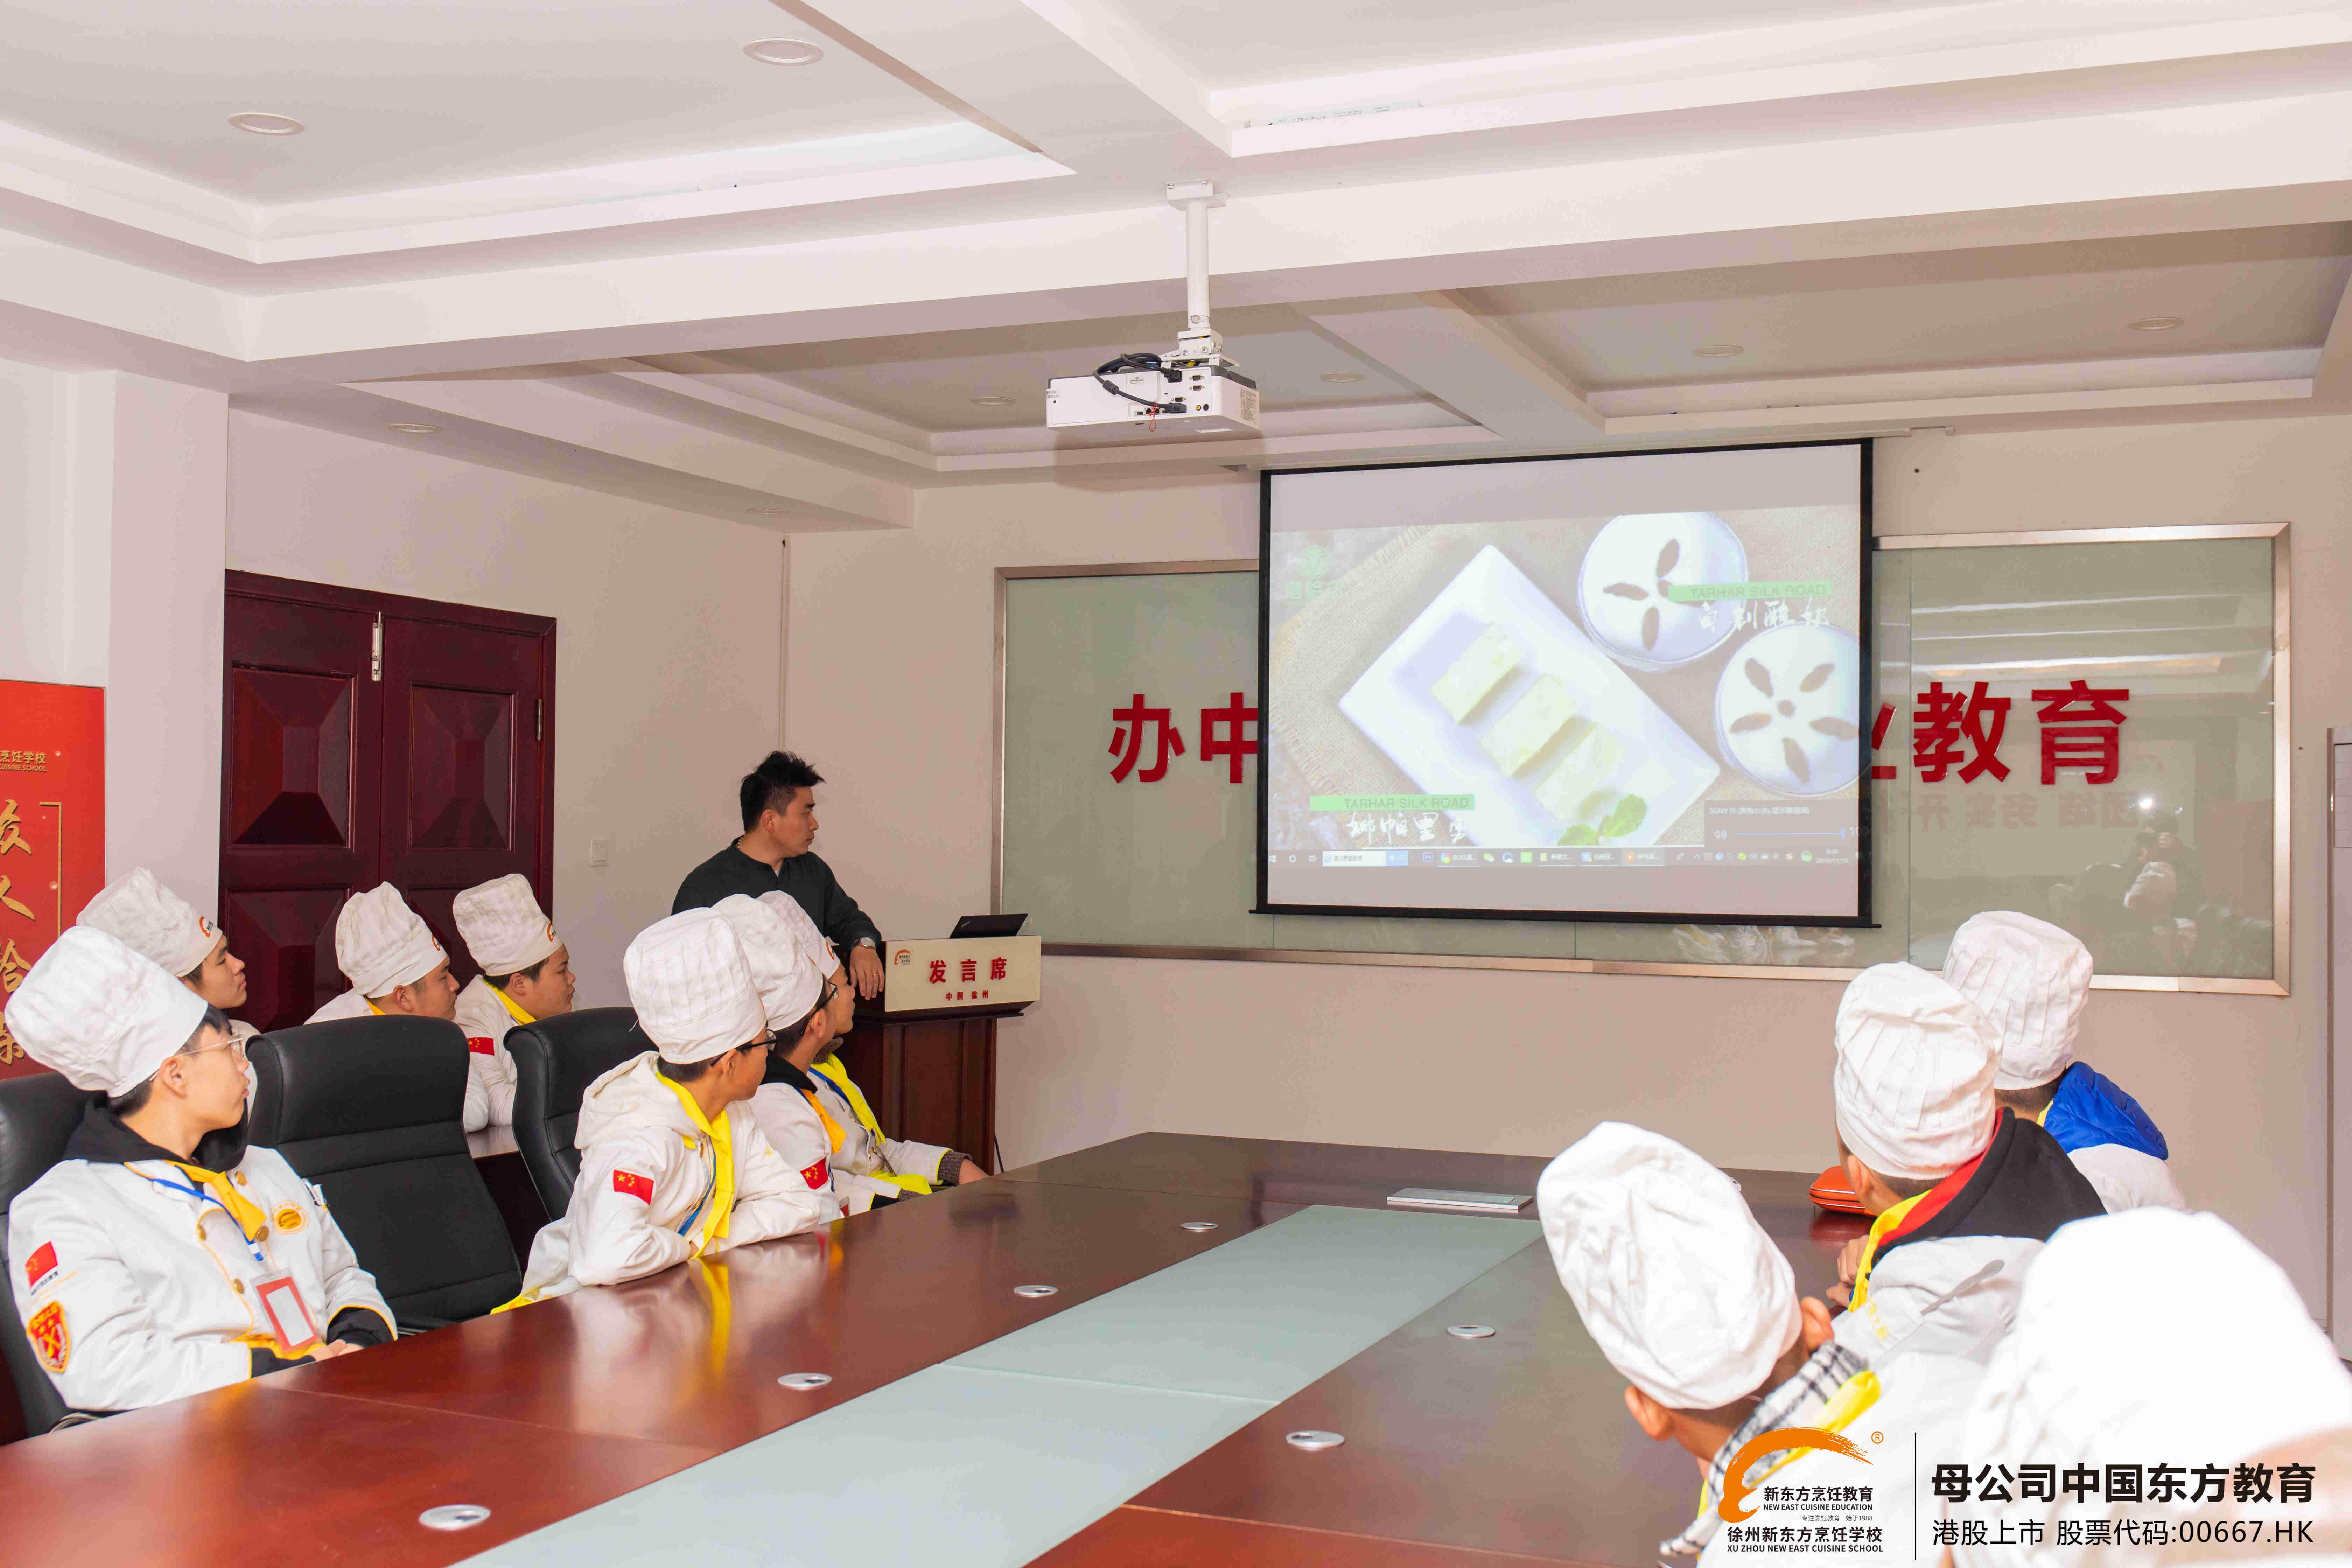 名企宣讲|上海鑫沣餐饮管理有限公司走进徐